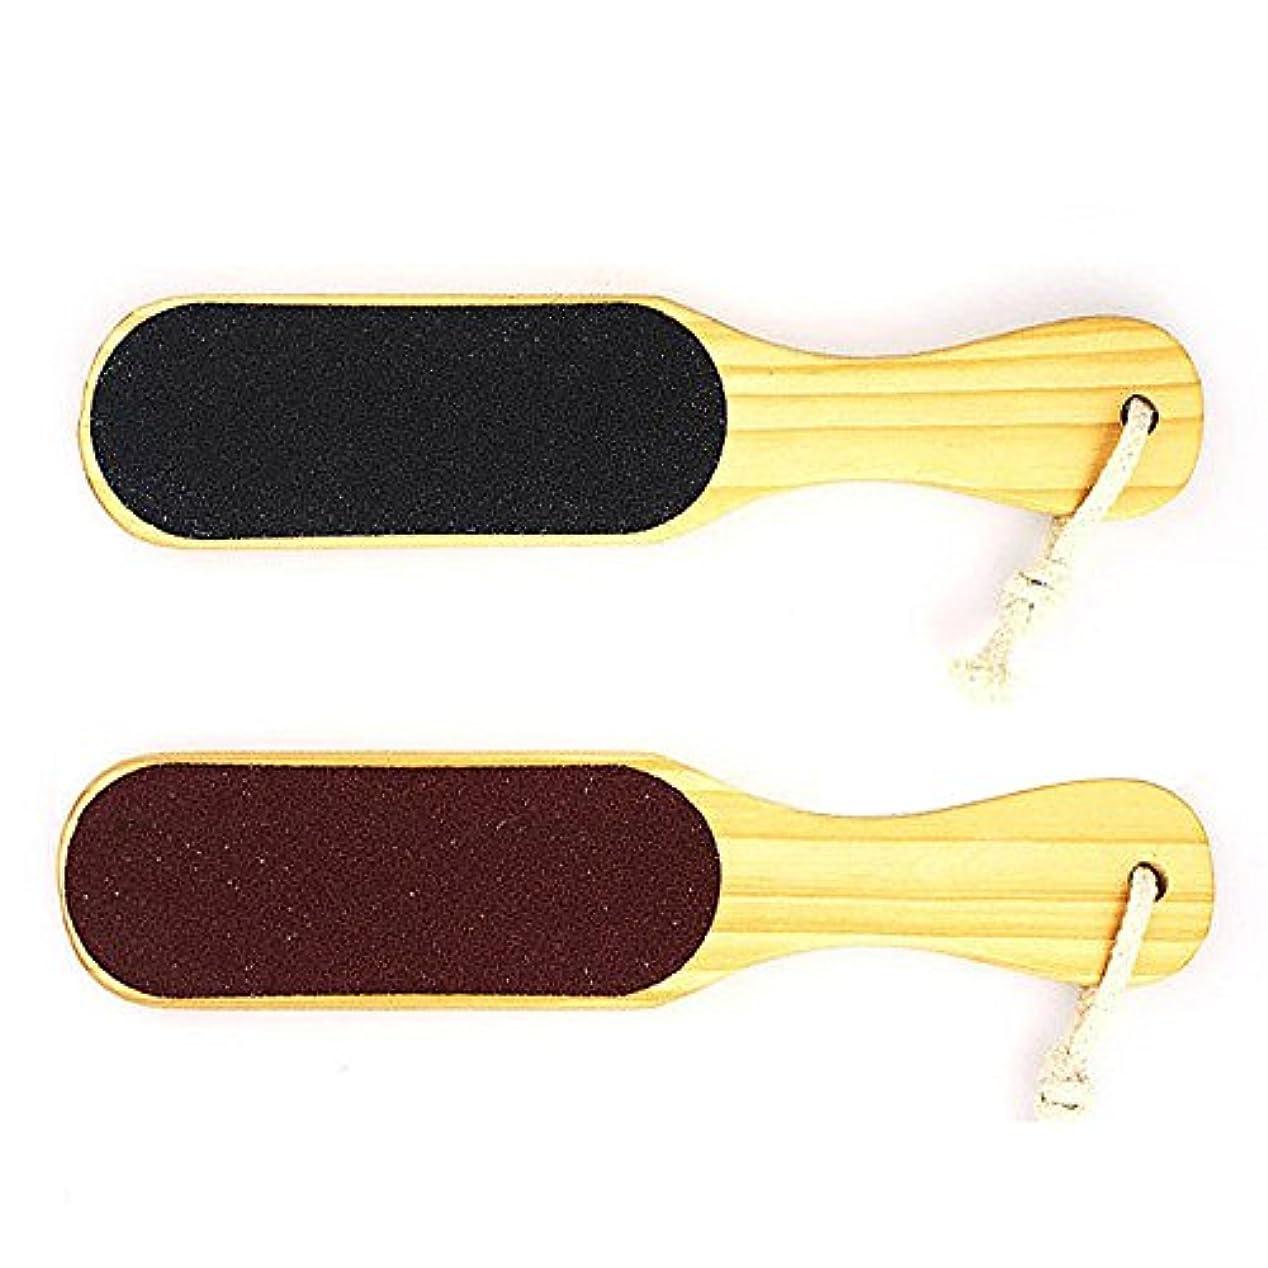 レンディション怠スツールFinlon 多機能 ツインヘッド角質取り器 足裏 角質除去 かかと 角質ケア かかとケア 足ケア 両面サンドペーパー かかとやすり フット用品